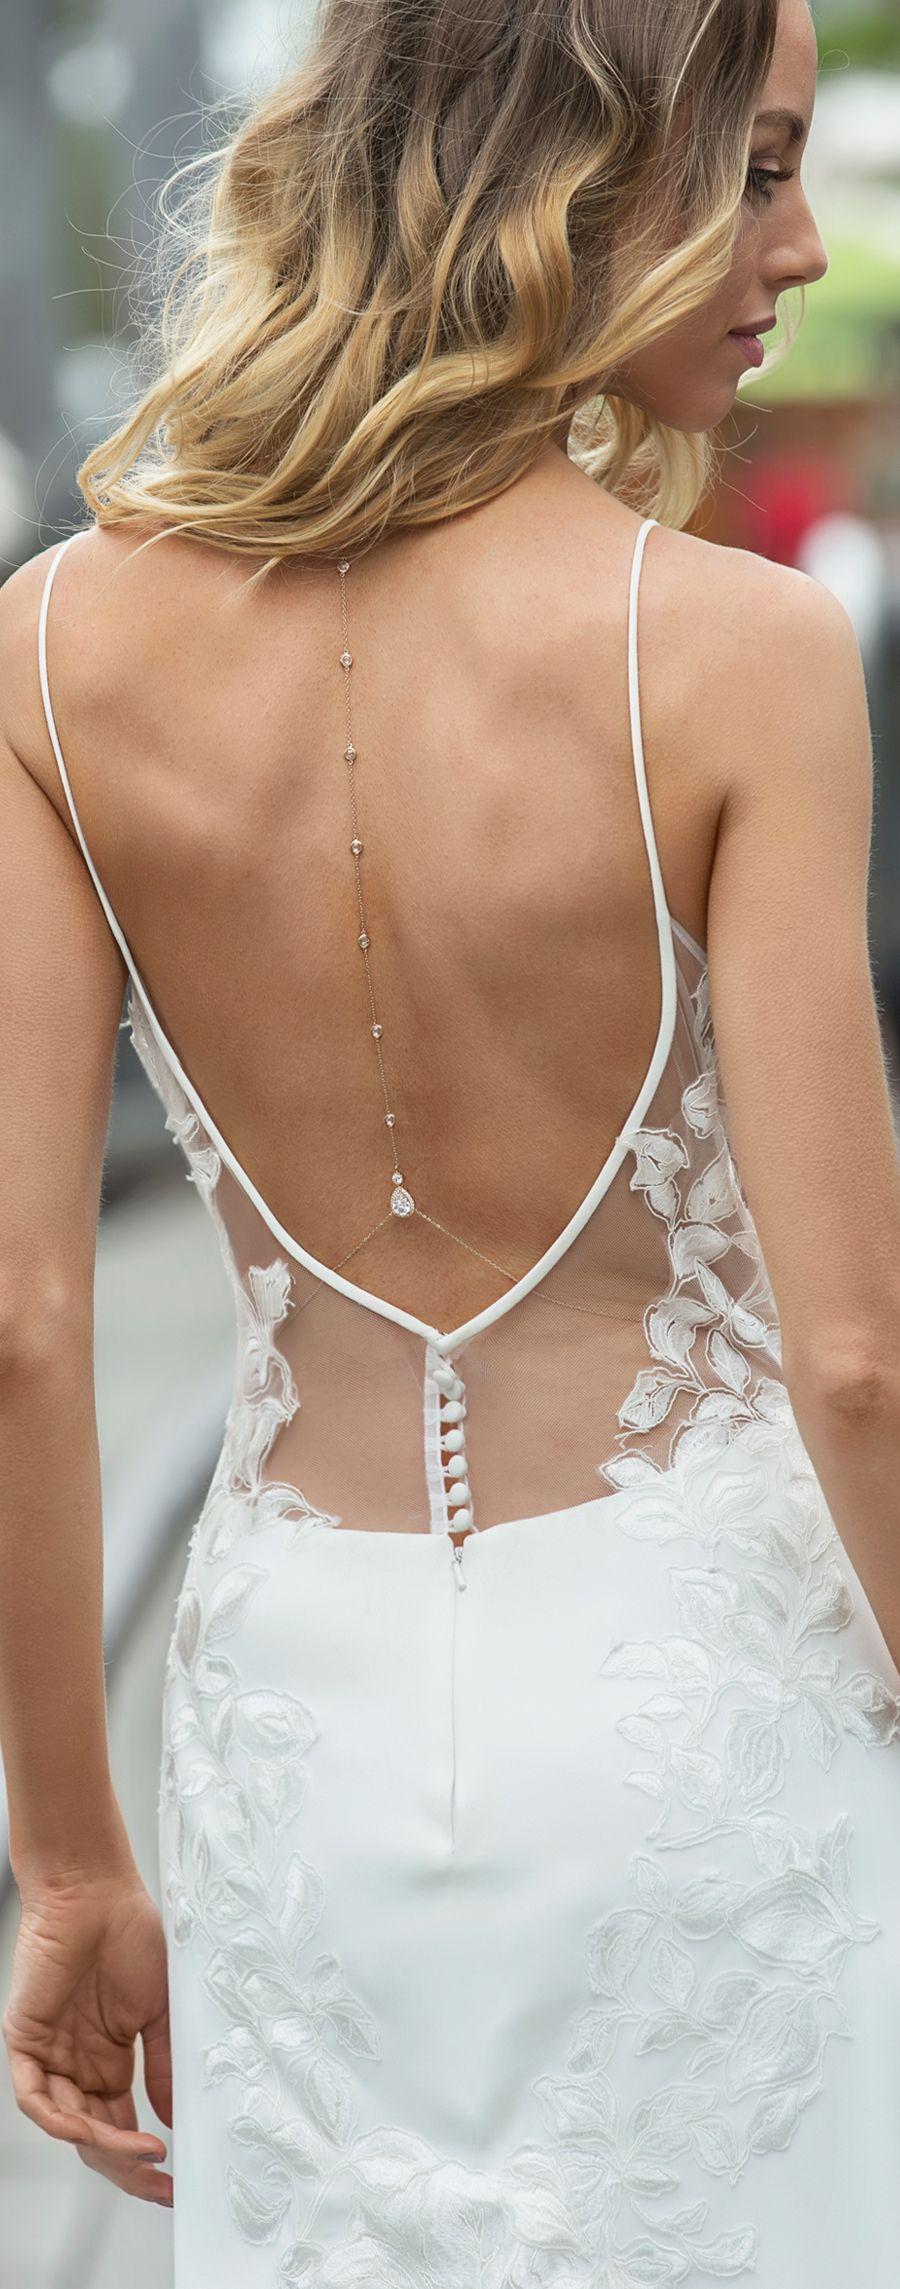 Margaux Petite Back Pendant Necklace Backdrop Necklace Wedding Wedding Dress Backs Bridal Necklace